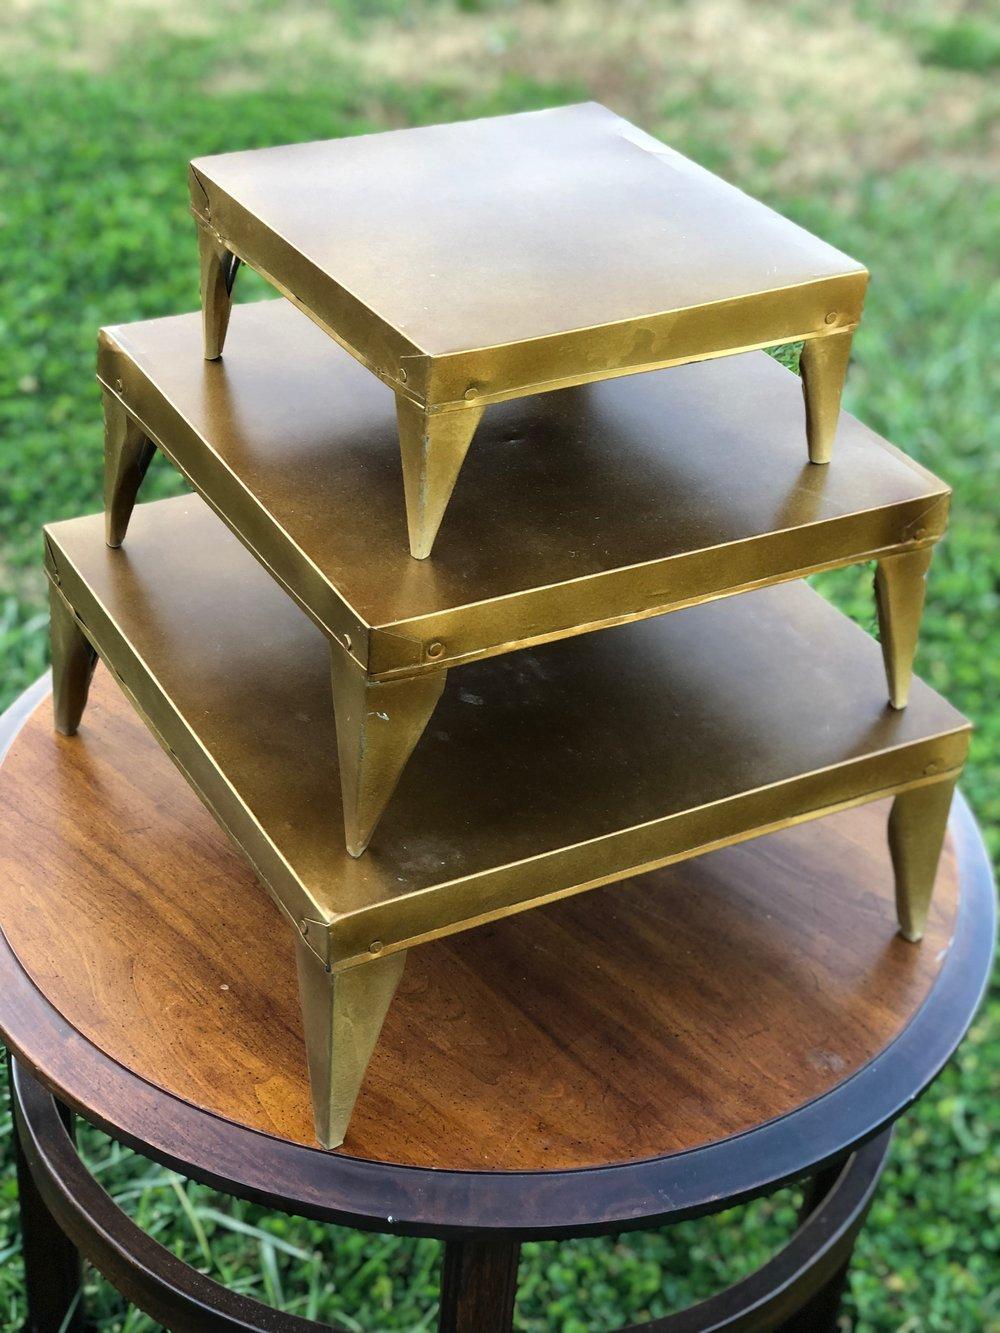 Gold Platforms